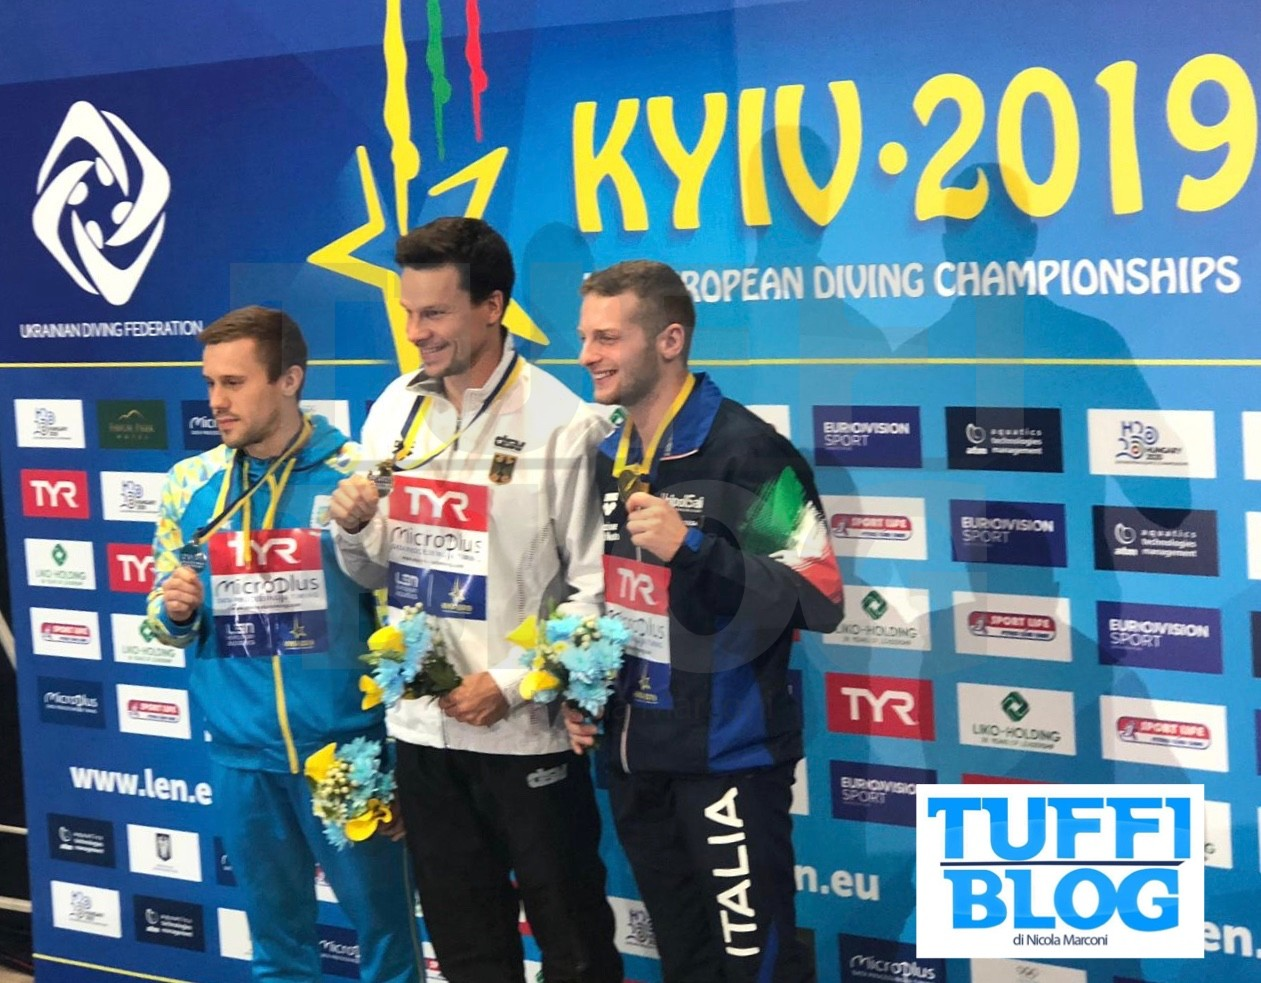 Campionati Europei: Kyiv - finale 1 metro, Marsaglia medaglia di bronzo, Tocci decimo.